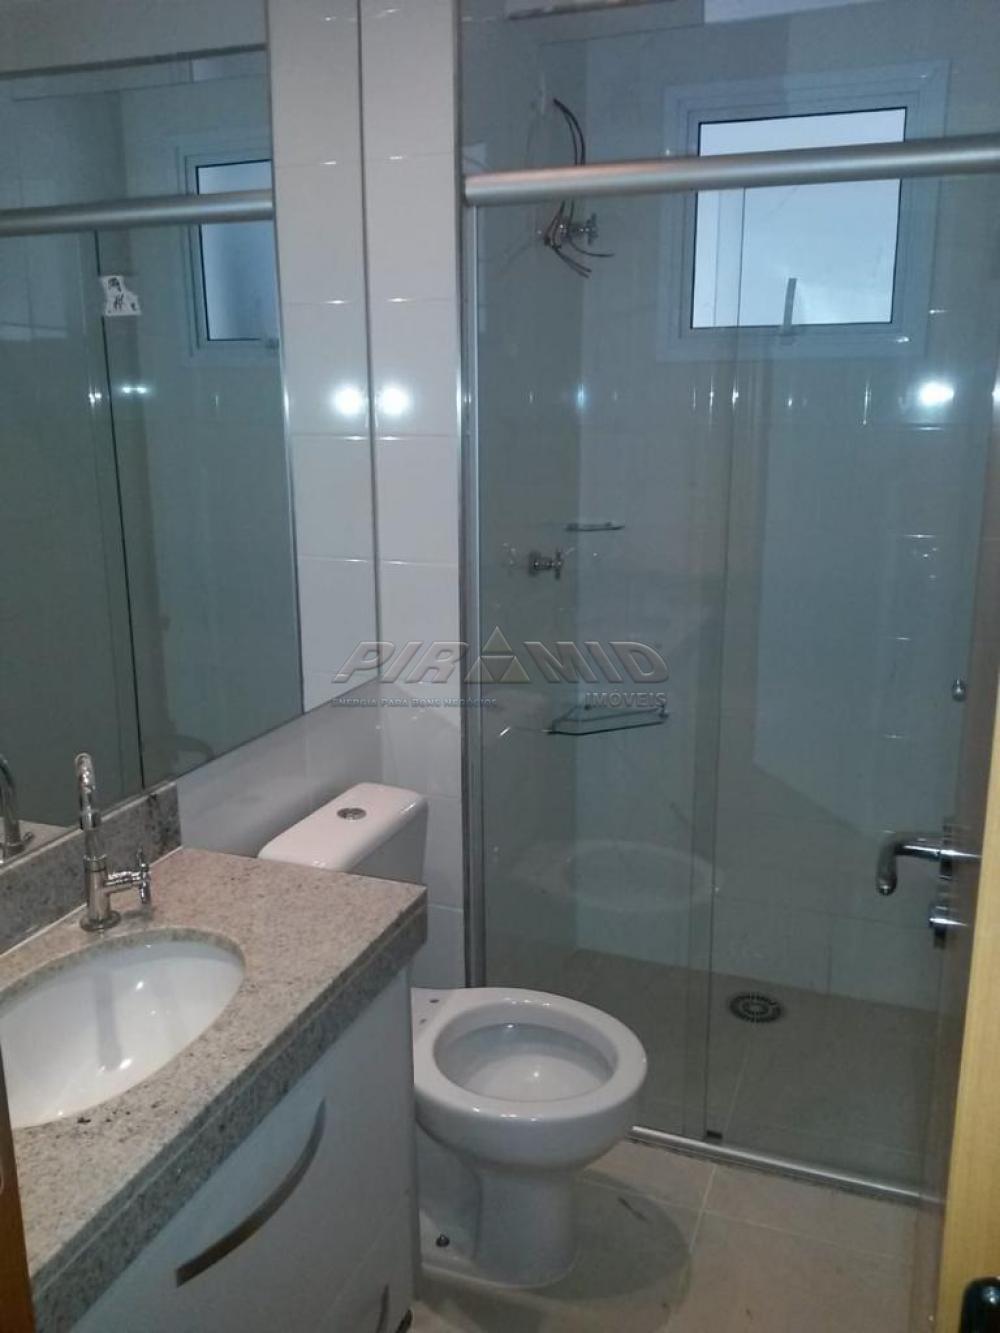 Comprar Apartamento / Padrão em Ribeirão Preto apenas R$ 435.000,00 - Foto 12